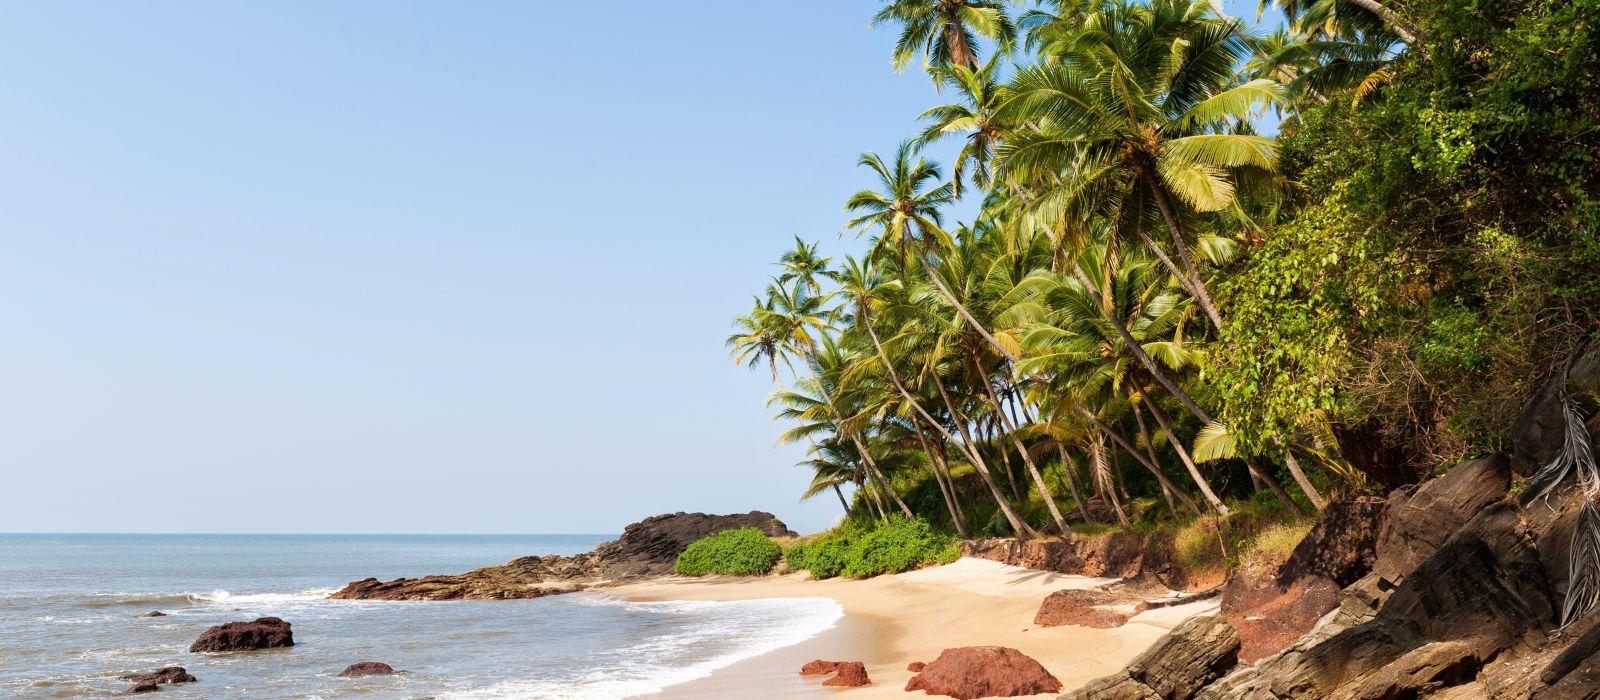 Indien: Goldenes Dreieck & Goa Urlaub 1